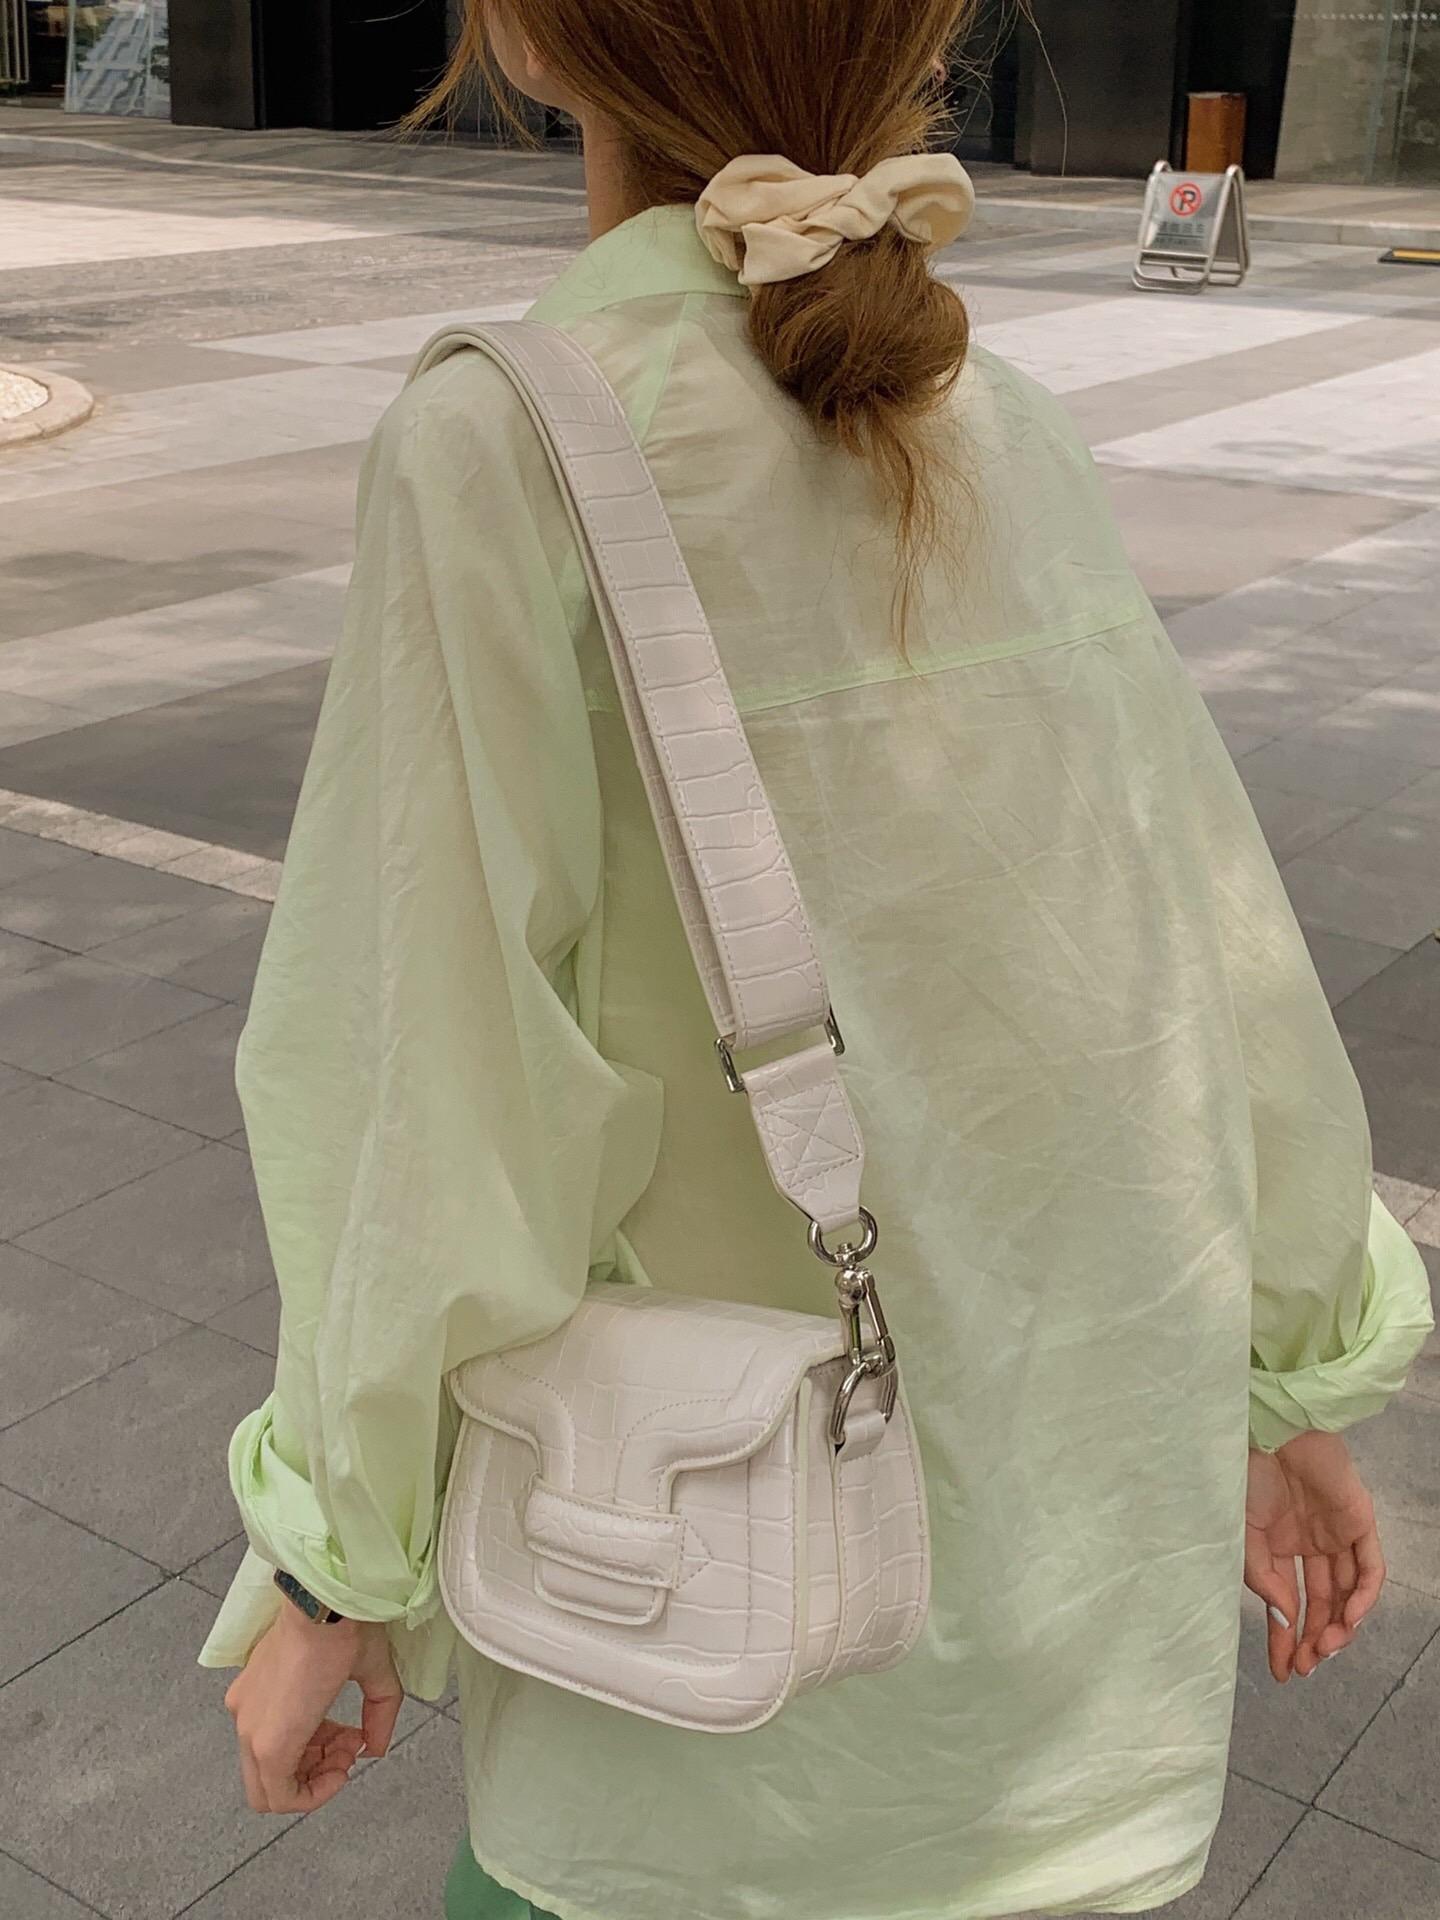 新款官方玛瑙马鞍包斜挎包单肩手提包夏季品黑白紫详细照片